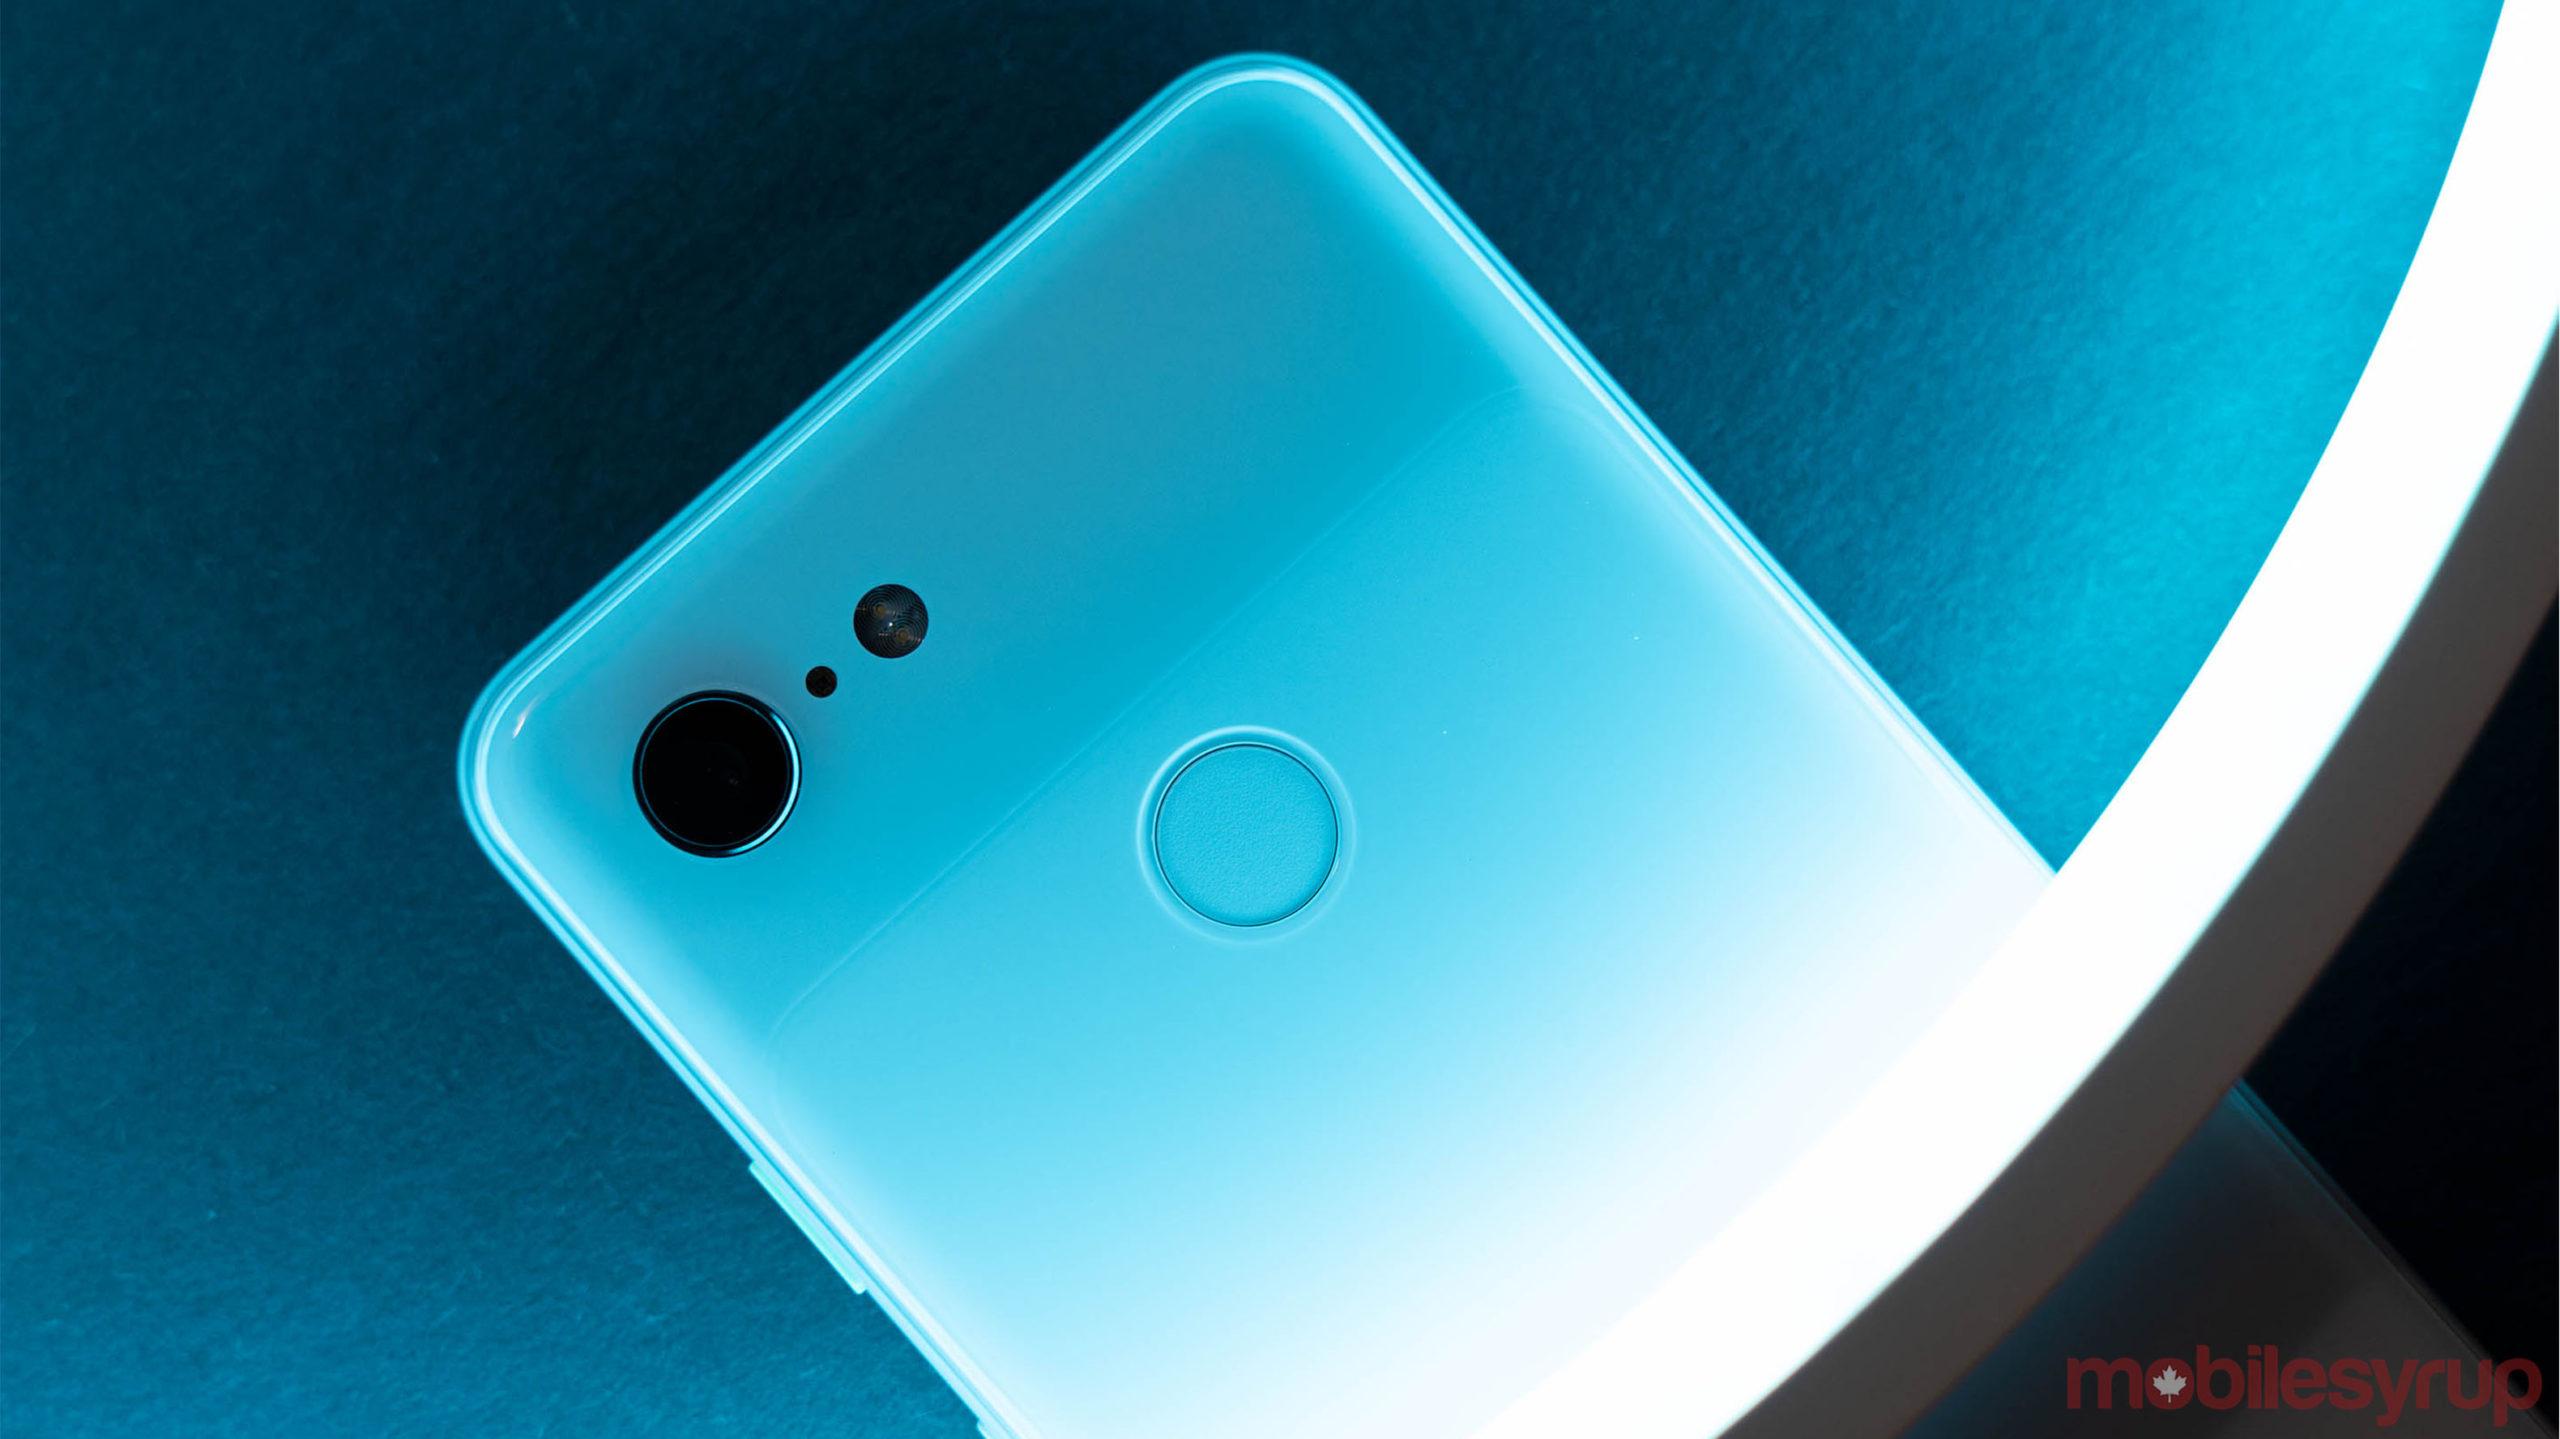 Pixel 3 fingerprint sensor